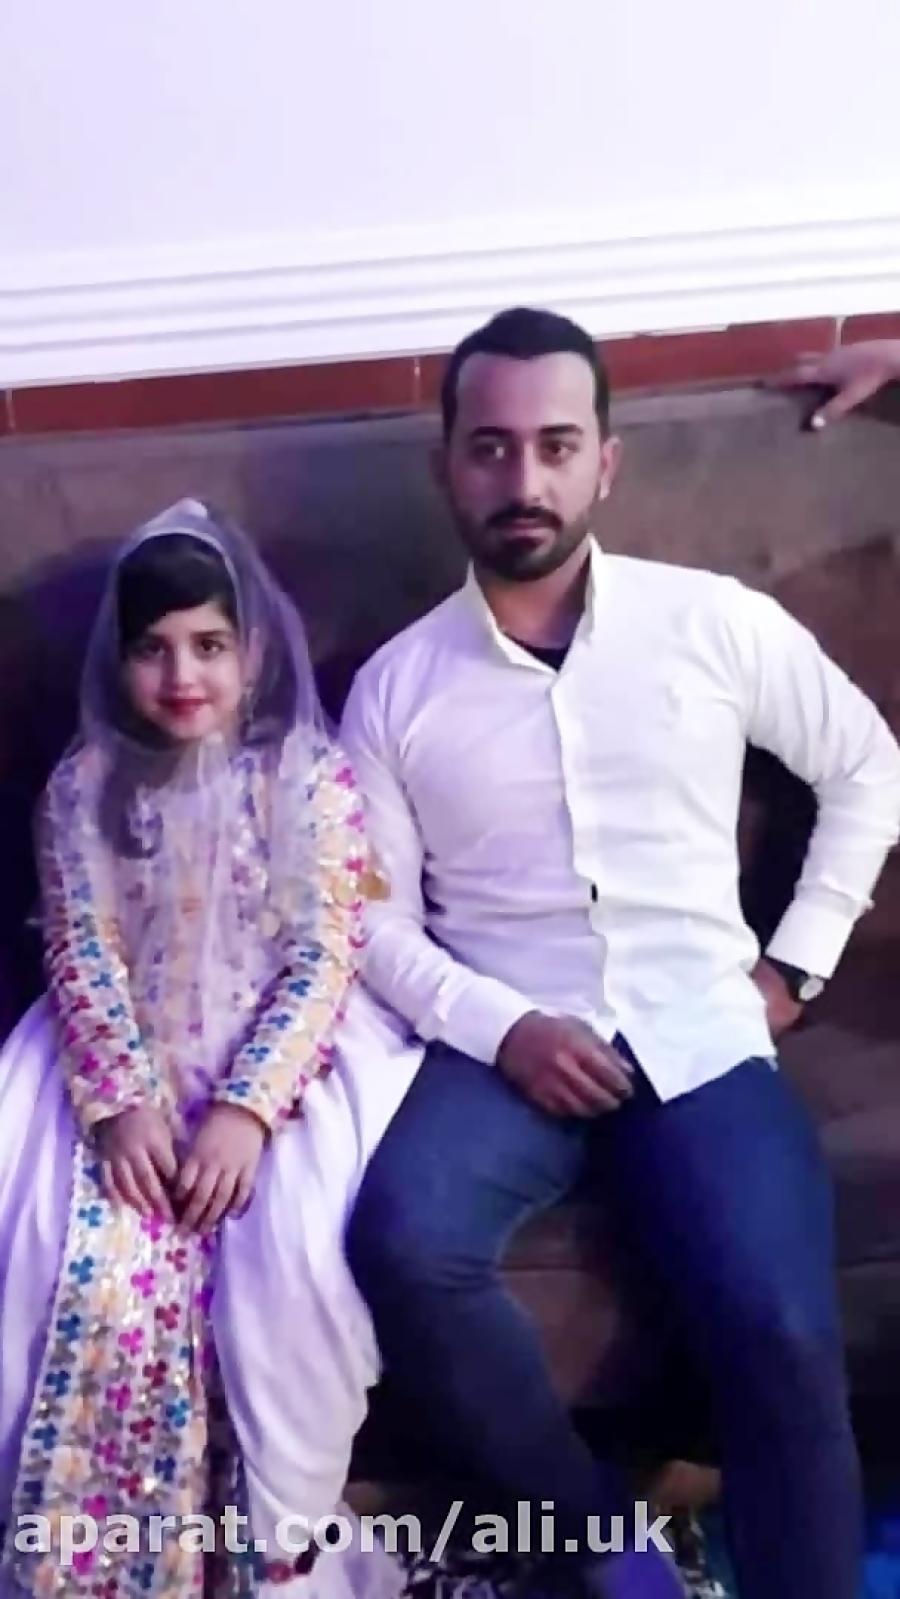 مراسم عقد دختر بچه ۹ ساله با پسر ۲۲ ساله در شهرستان بهمئی (فیلم کامل)